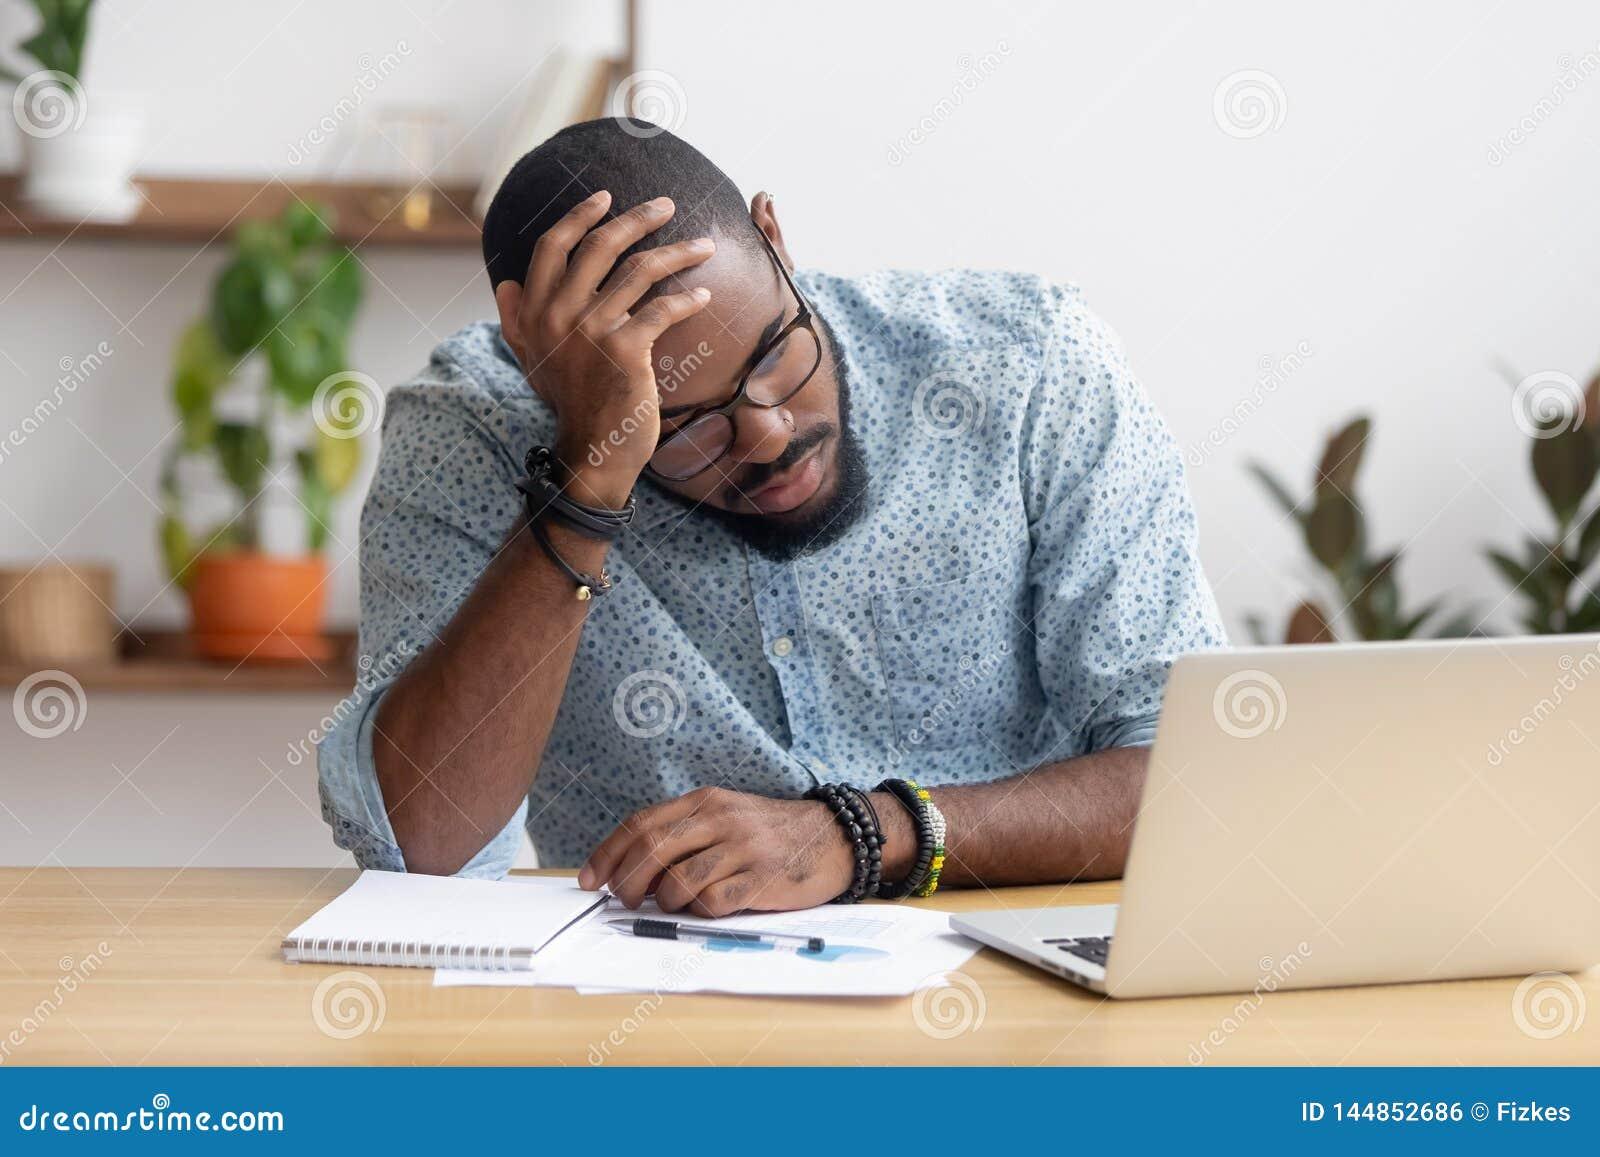 Zmęczony przygnębiony zanudzający afrykański biznesmen udaremniający biznesowym niepowodzeniem